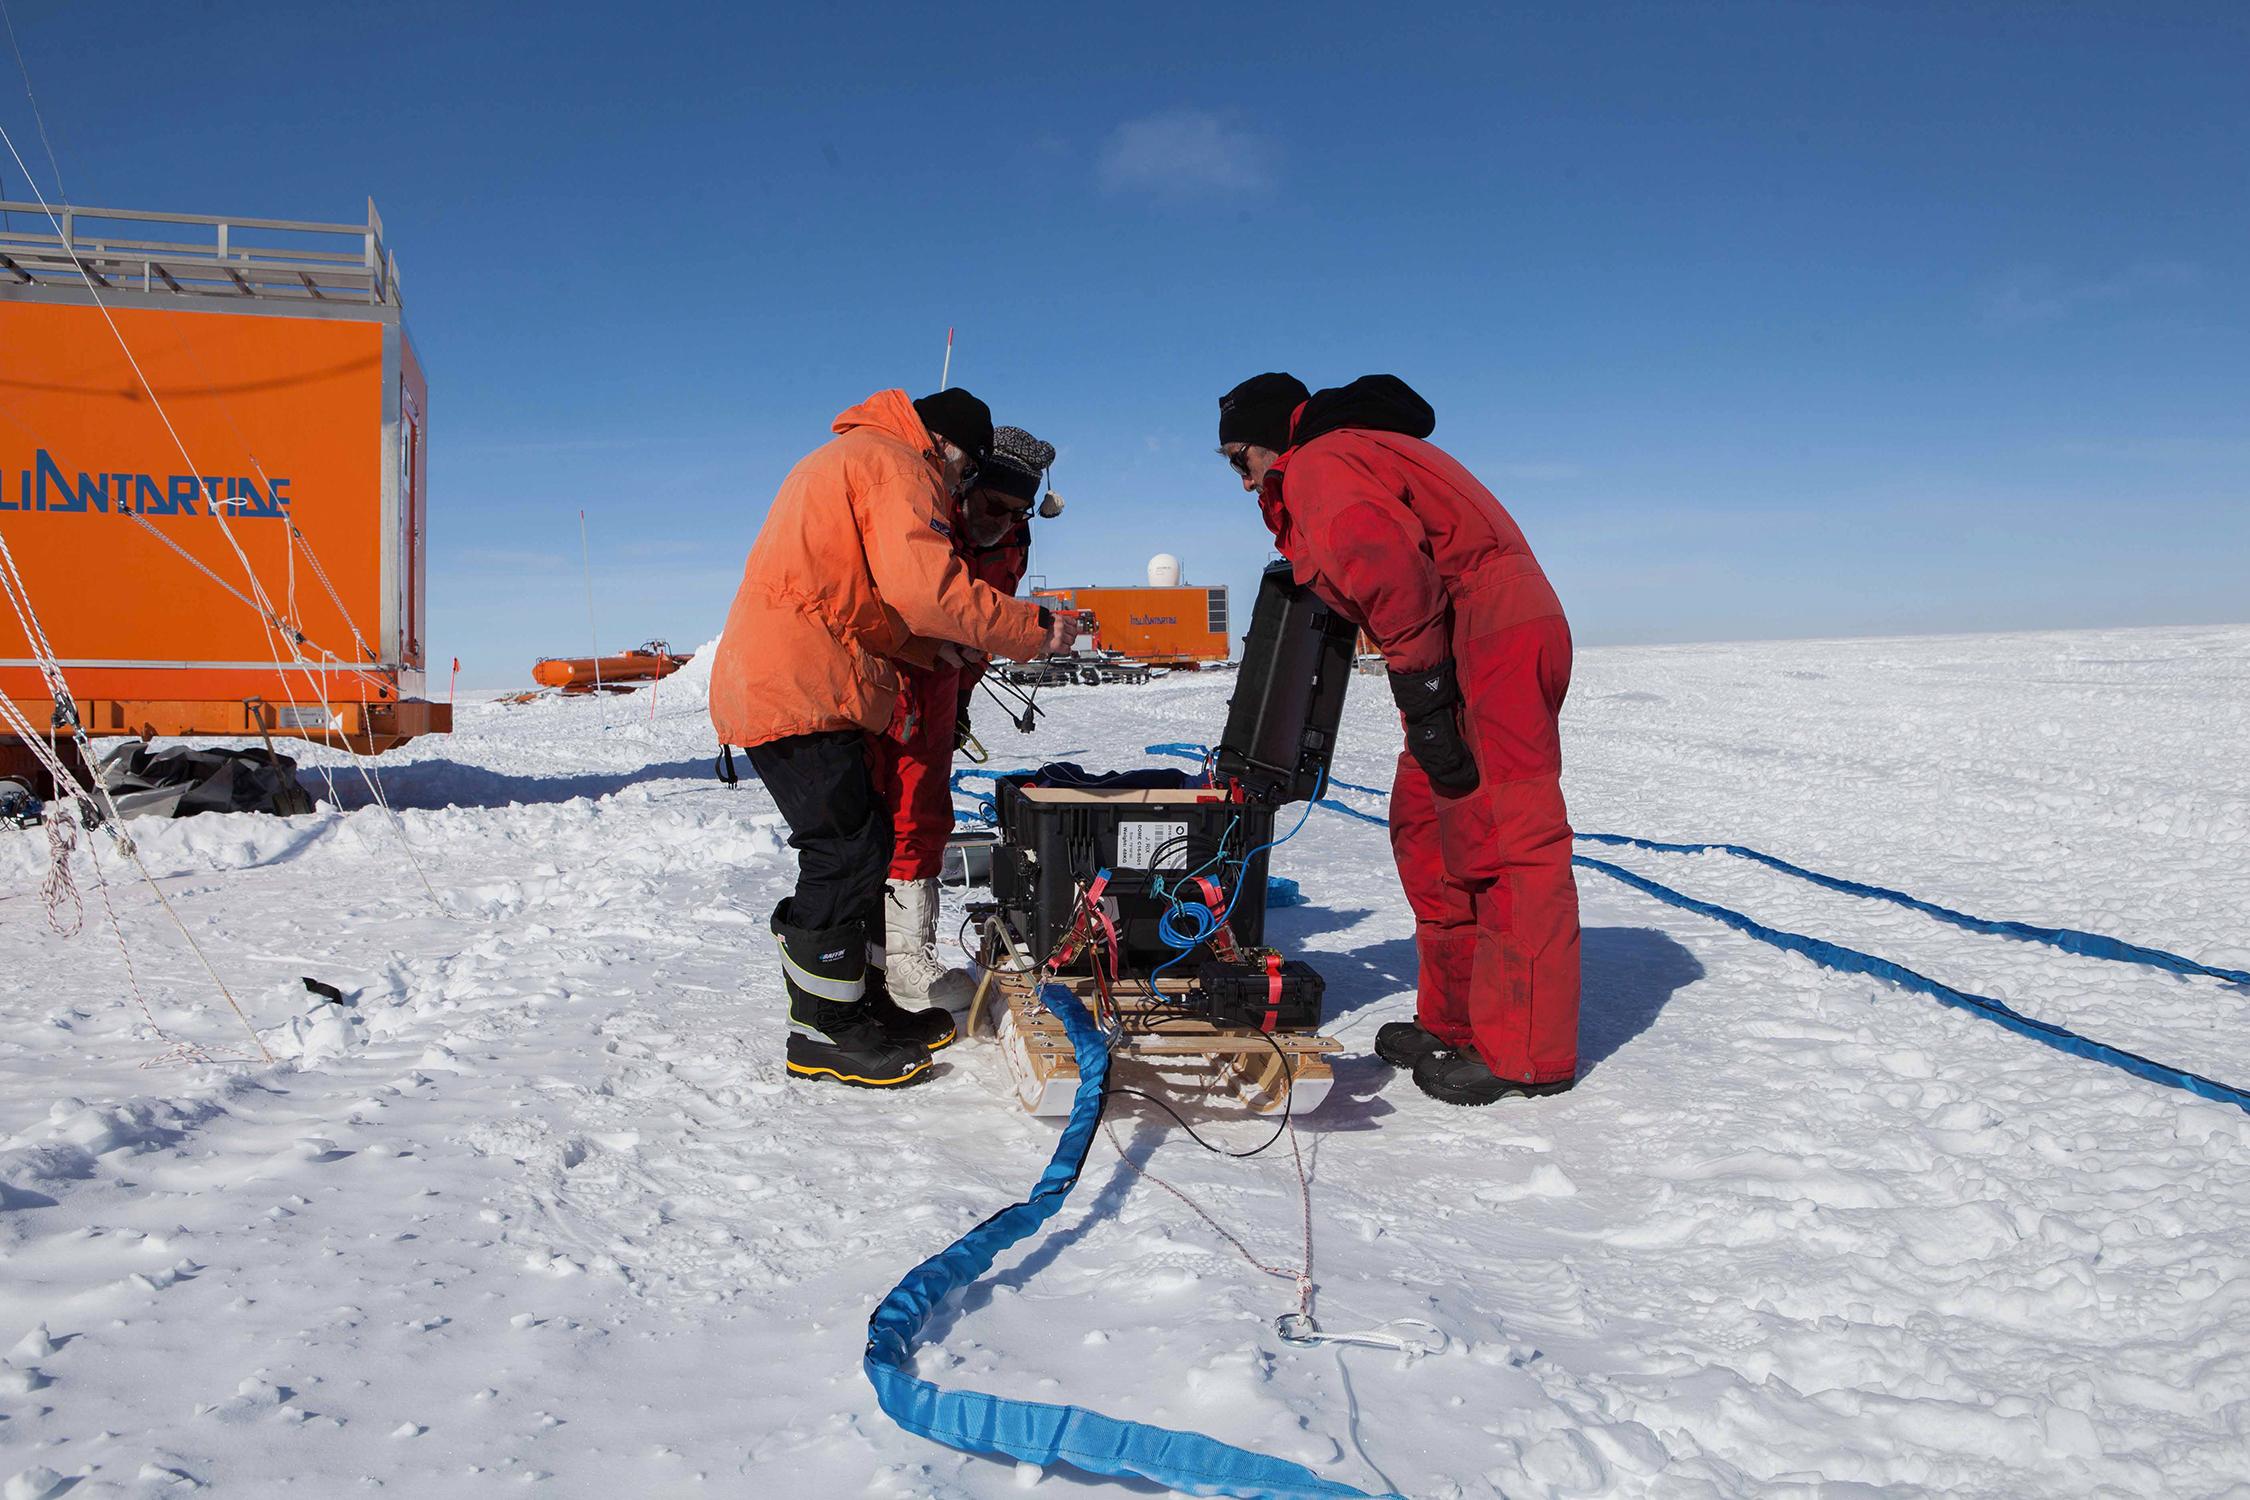 Vorbereitungen für die Radarmessung am Little Dome C zur Bestimmung der Schichtstruktur des Eises an potentiellen Bohrstellen. Bild: Luca Vittuari